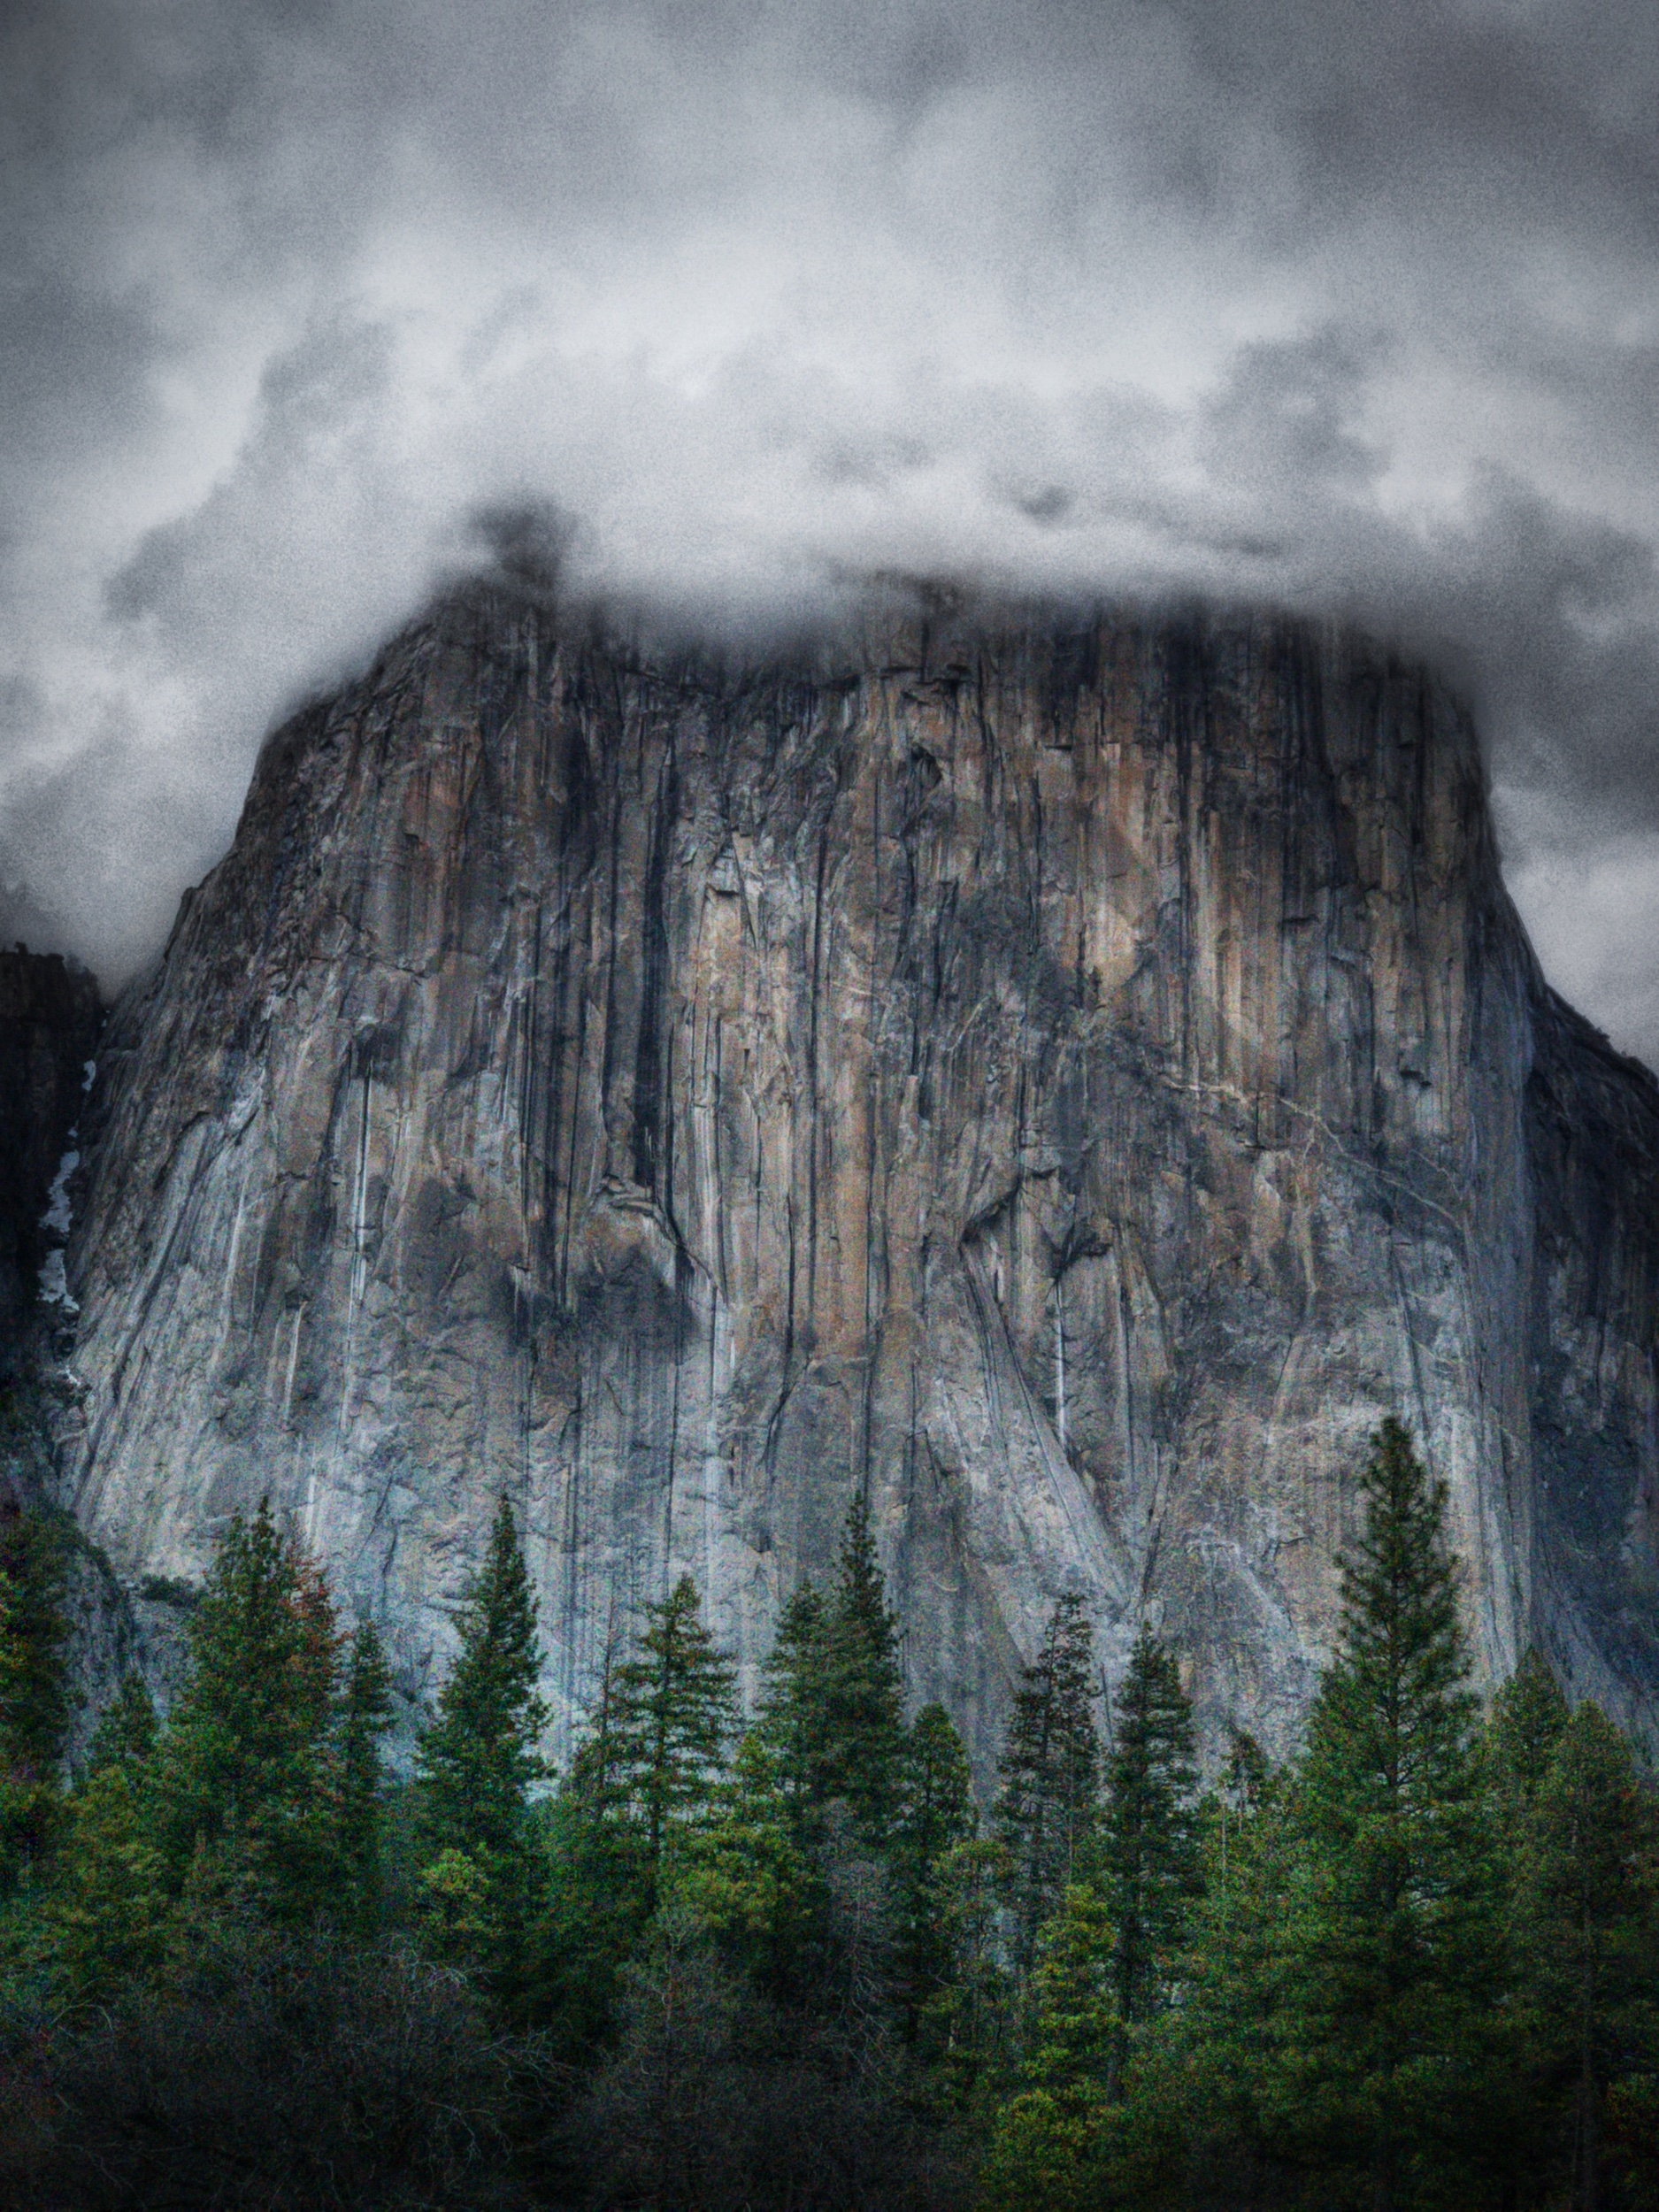 El Capitan @ Yosemite national park